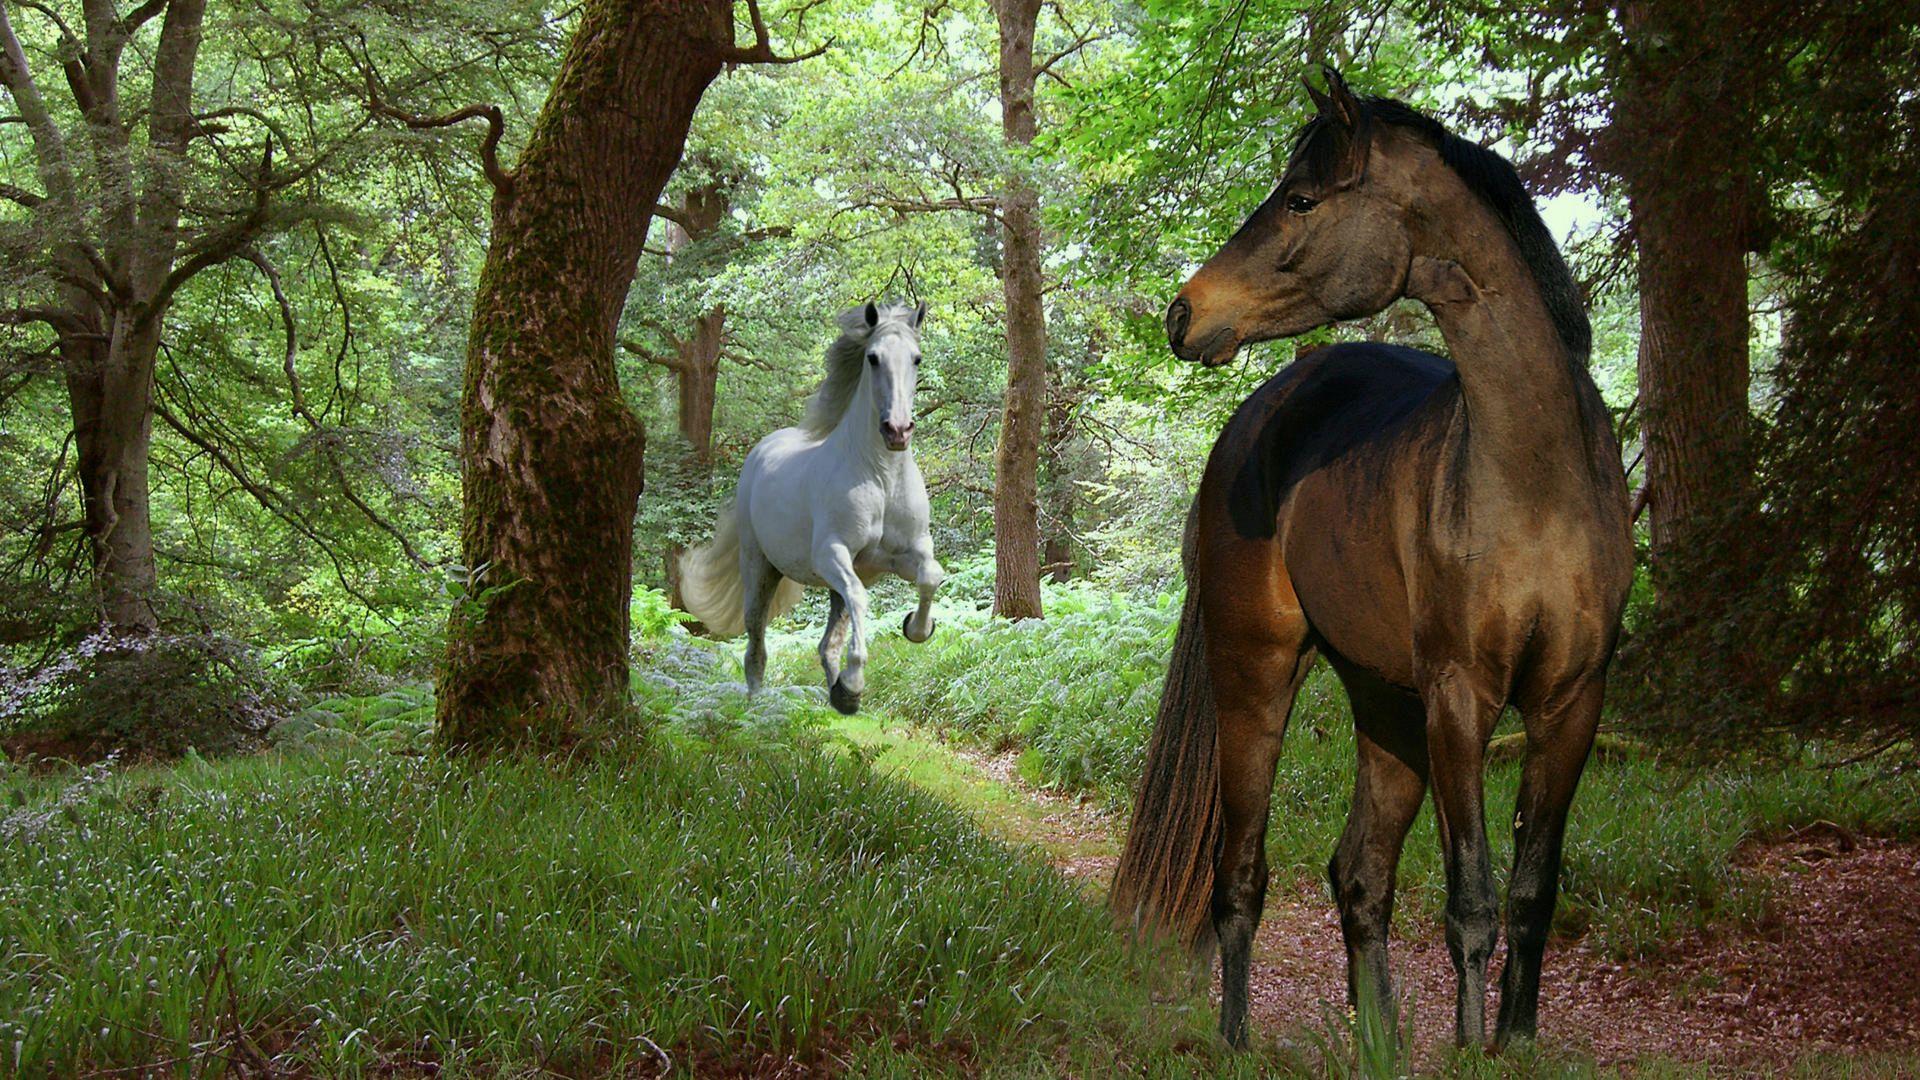 рисунок графика лошадь природа животные figure graphics horse nature animals  № 3925678 бесплатно